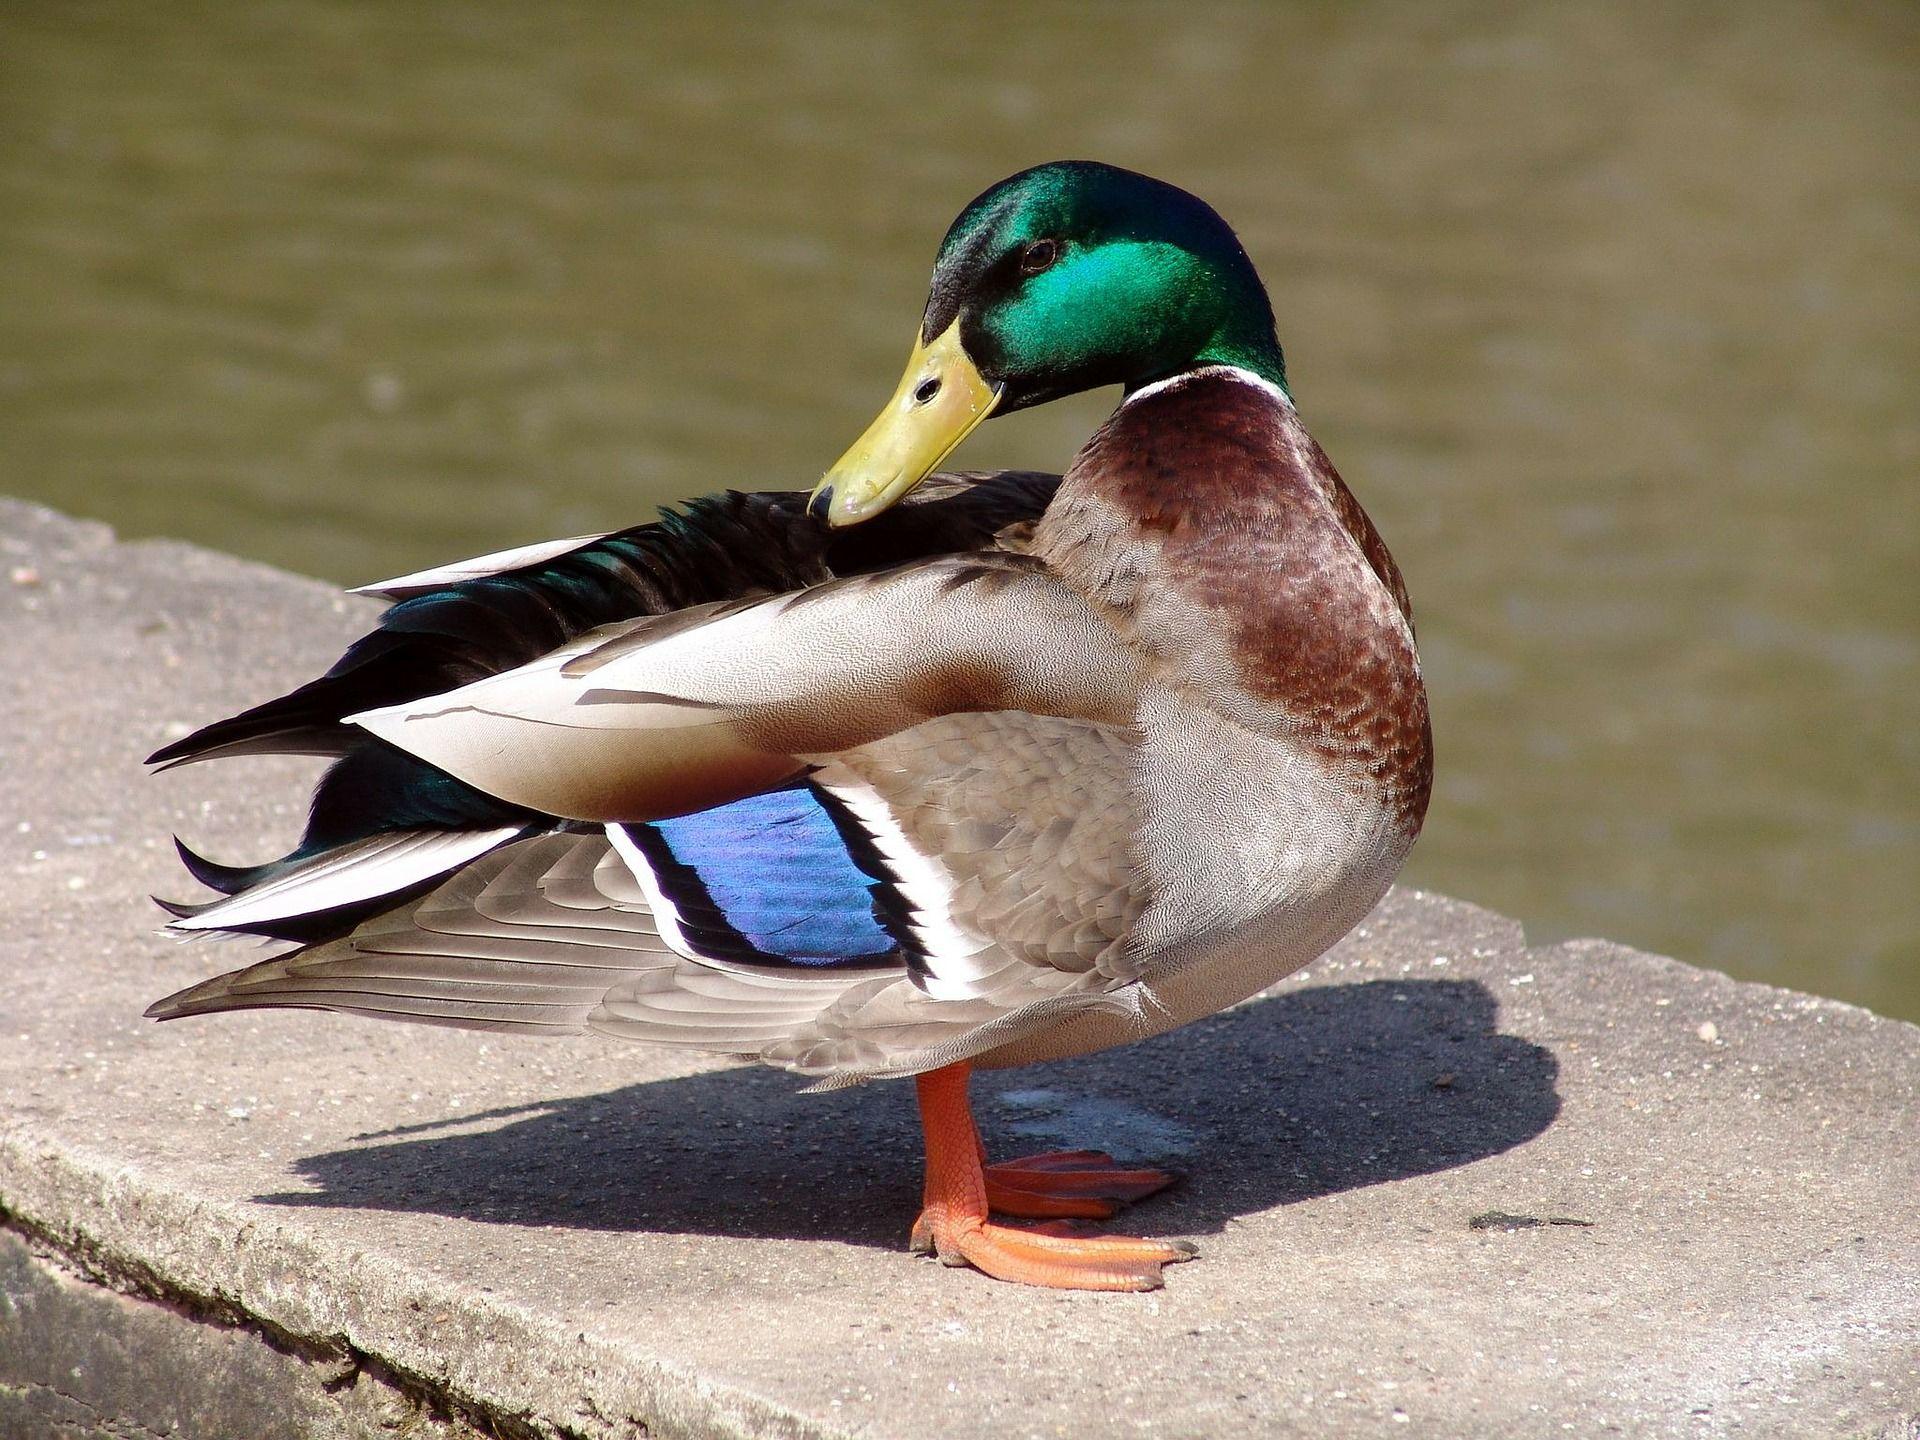 Лучшее фото утки в водоеме отличного качества